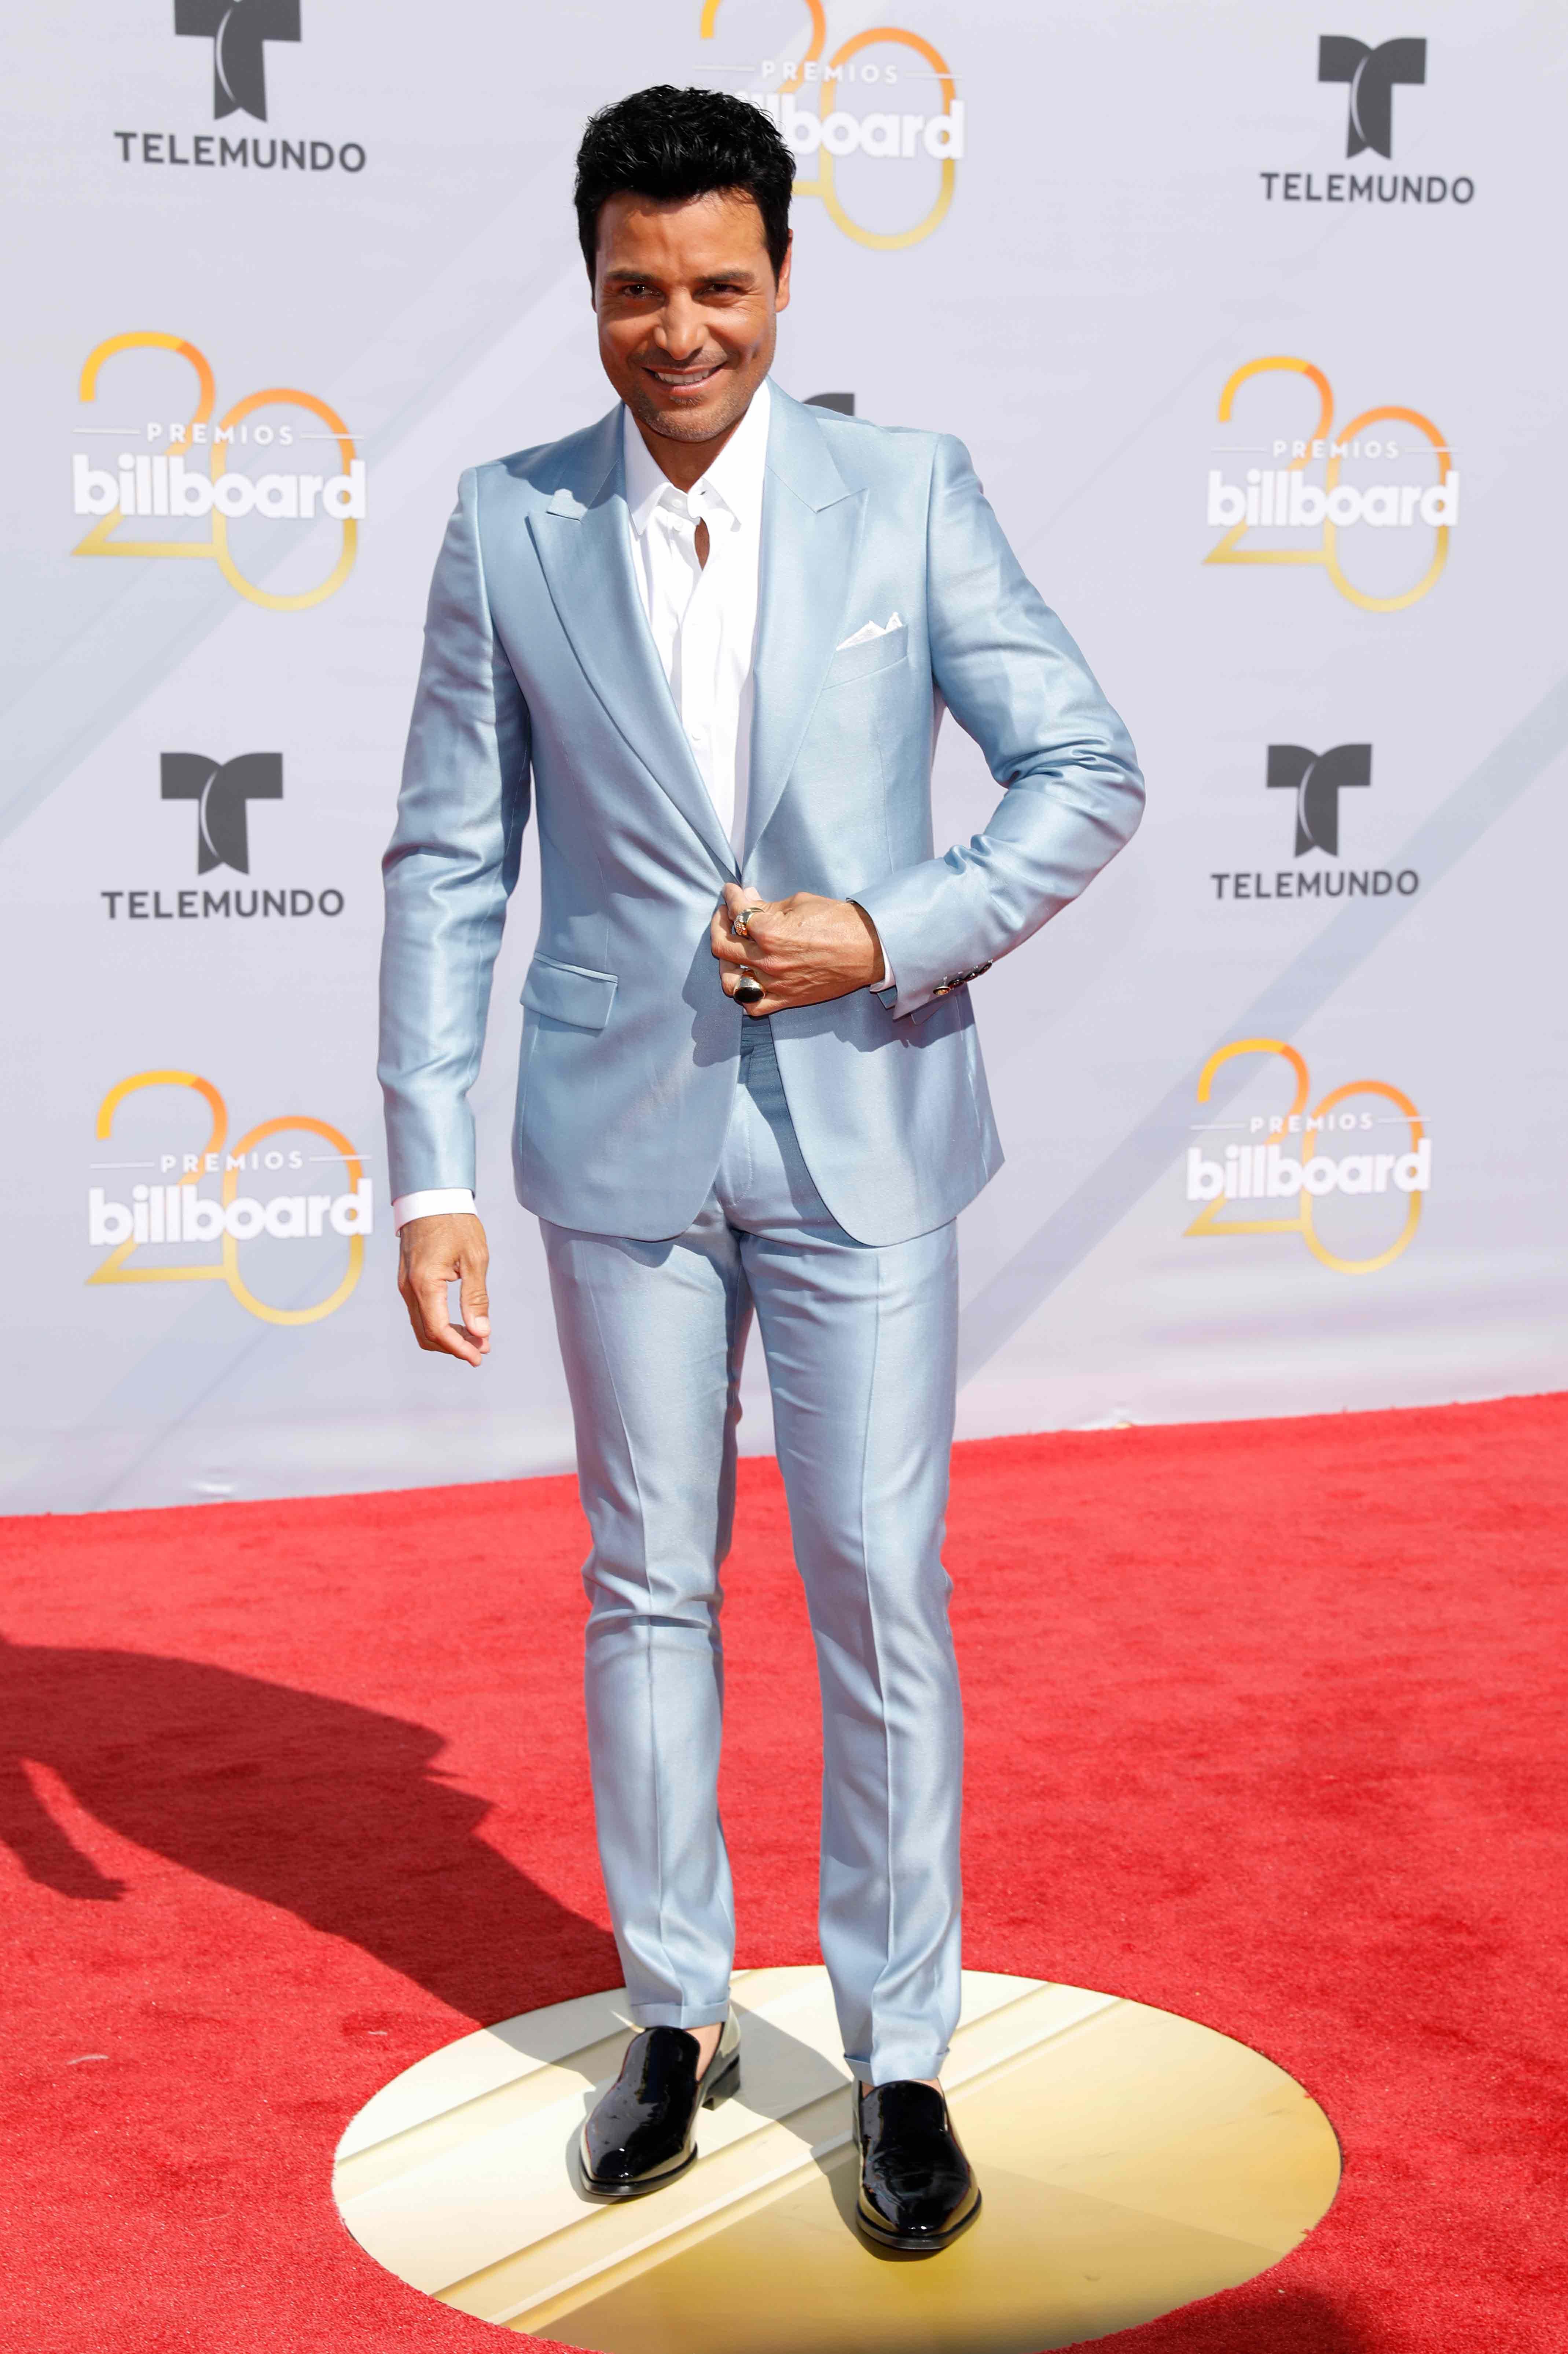 El puertorriqueño Chayanne dijo presente en los Billboards con un exquisito traje en tono celeste pastel. (Foto: AP)